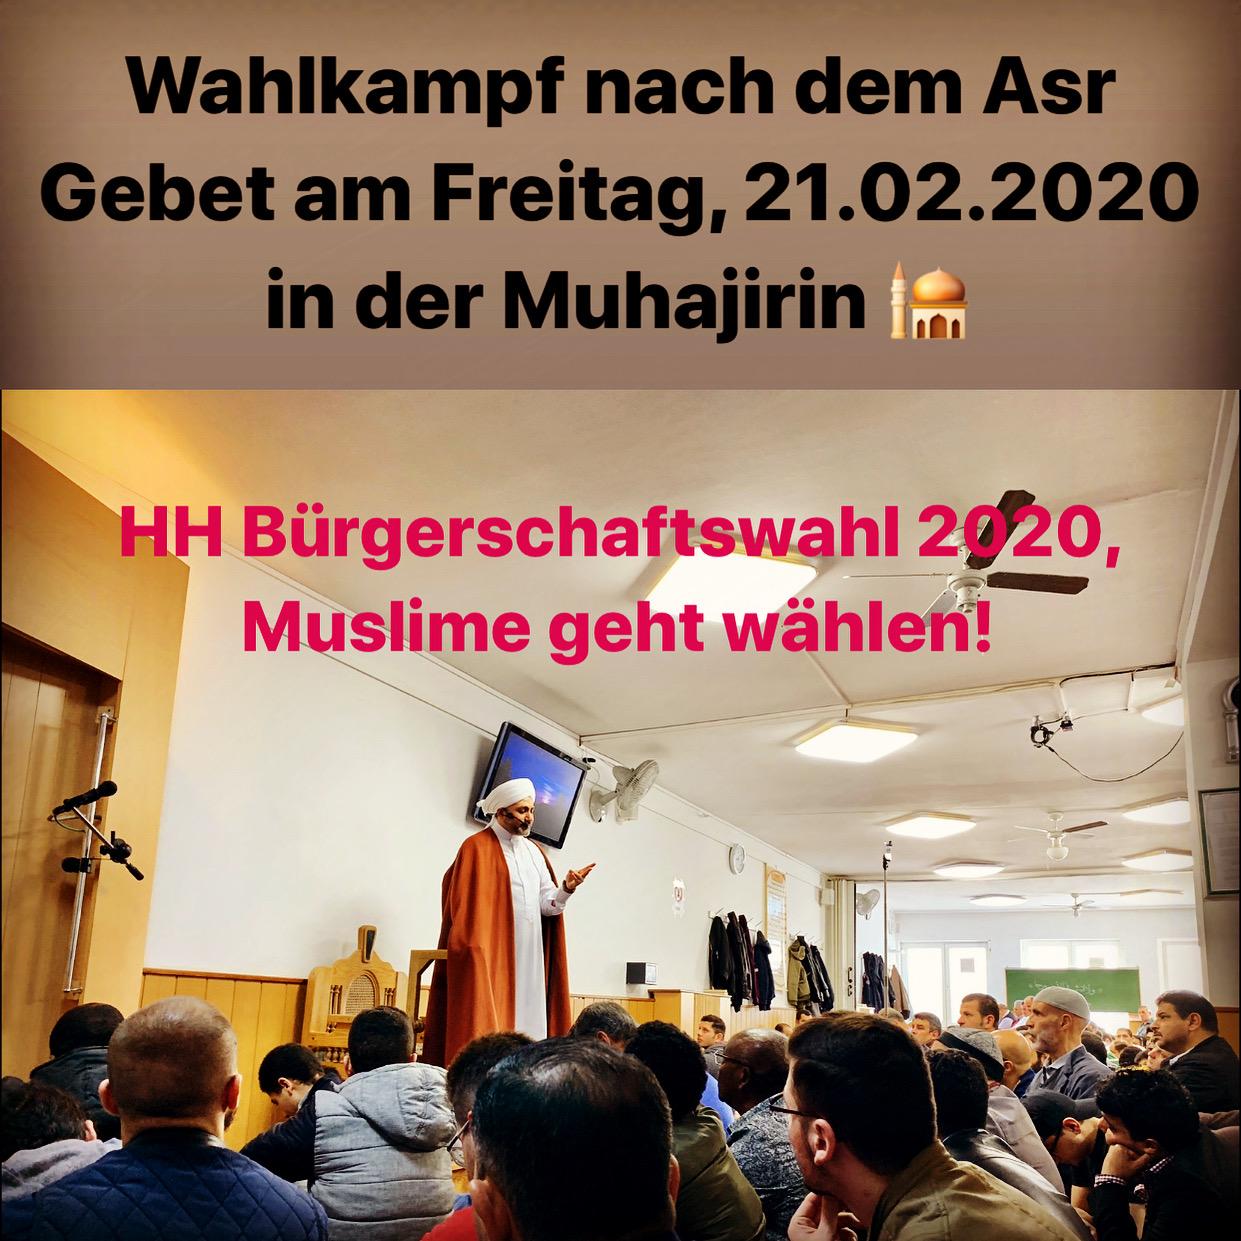 Bürgerschaftswahlkampf in der Muhajirin Moschee